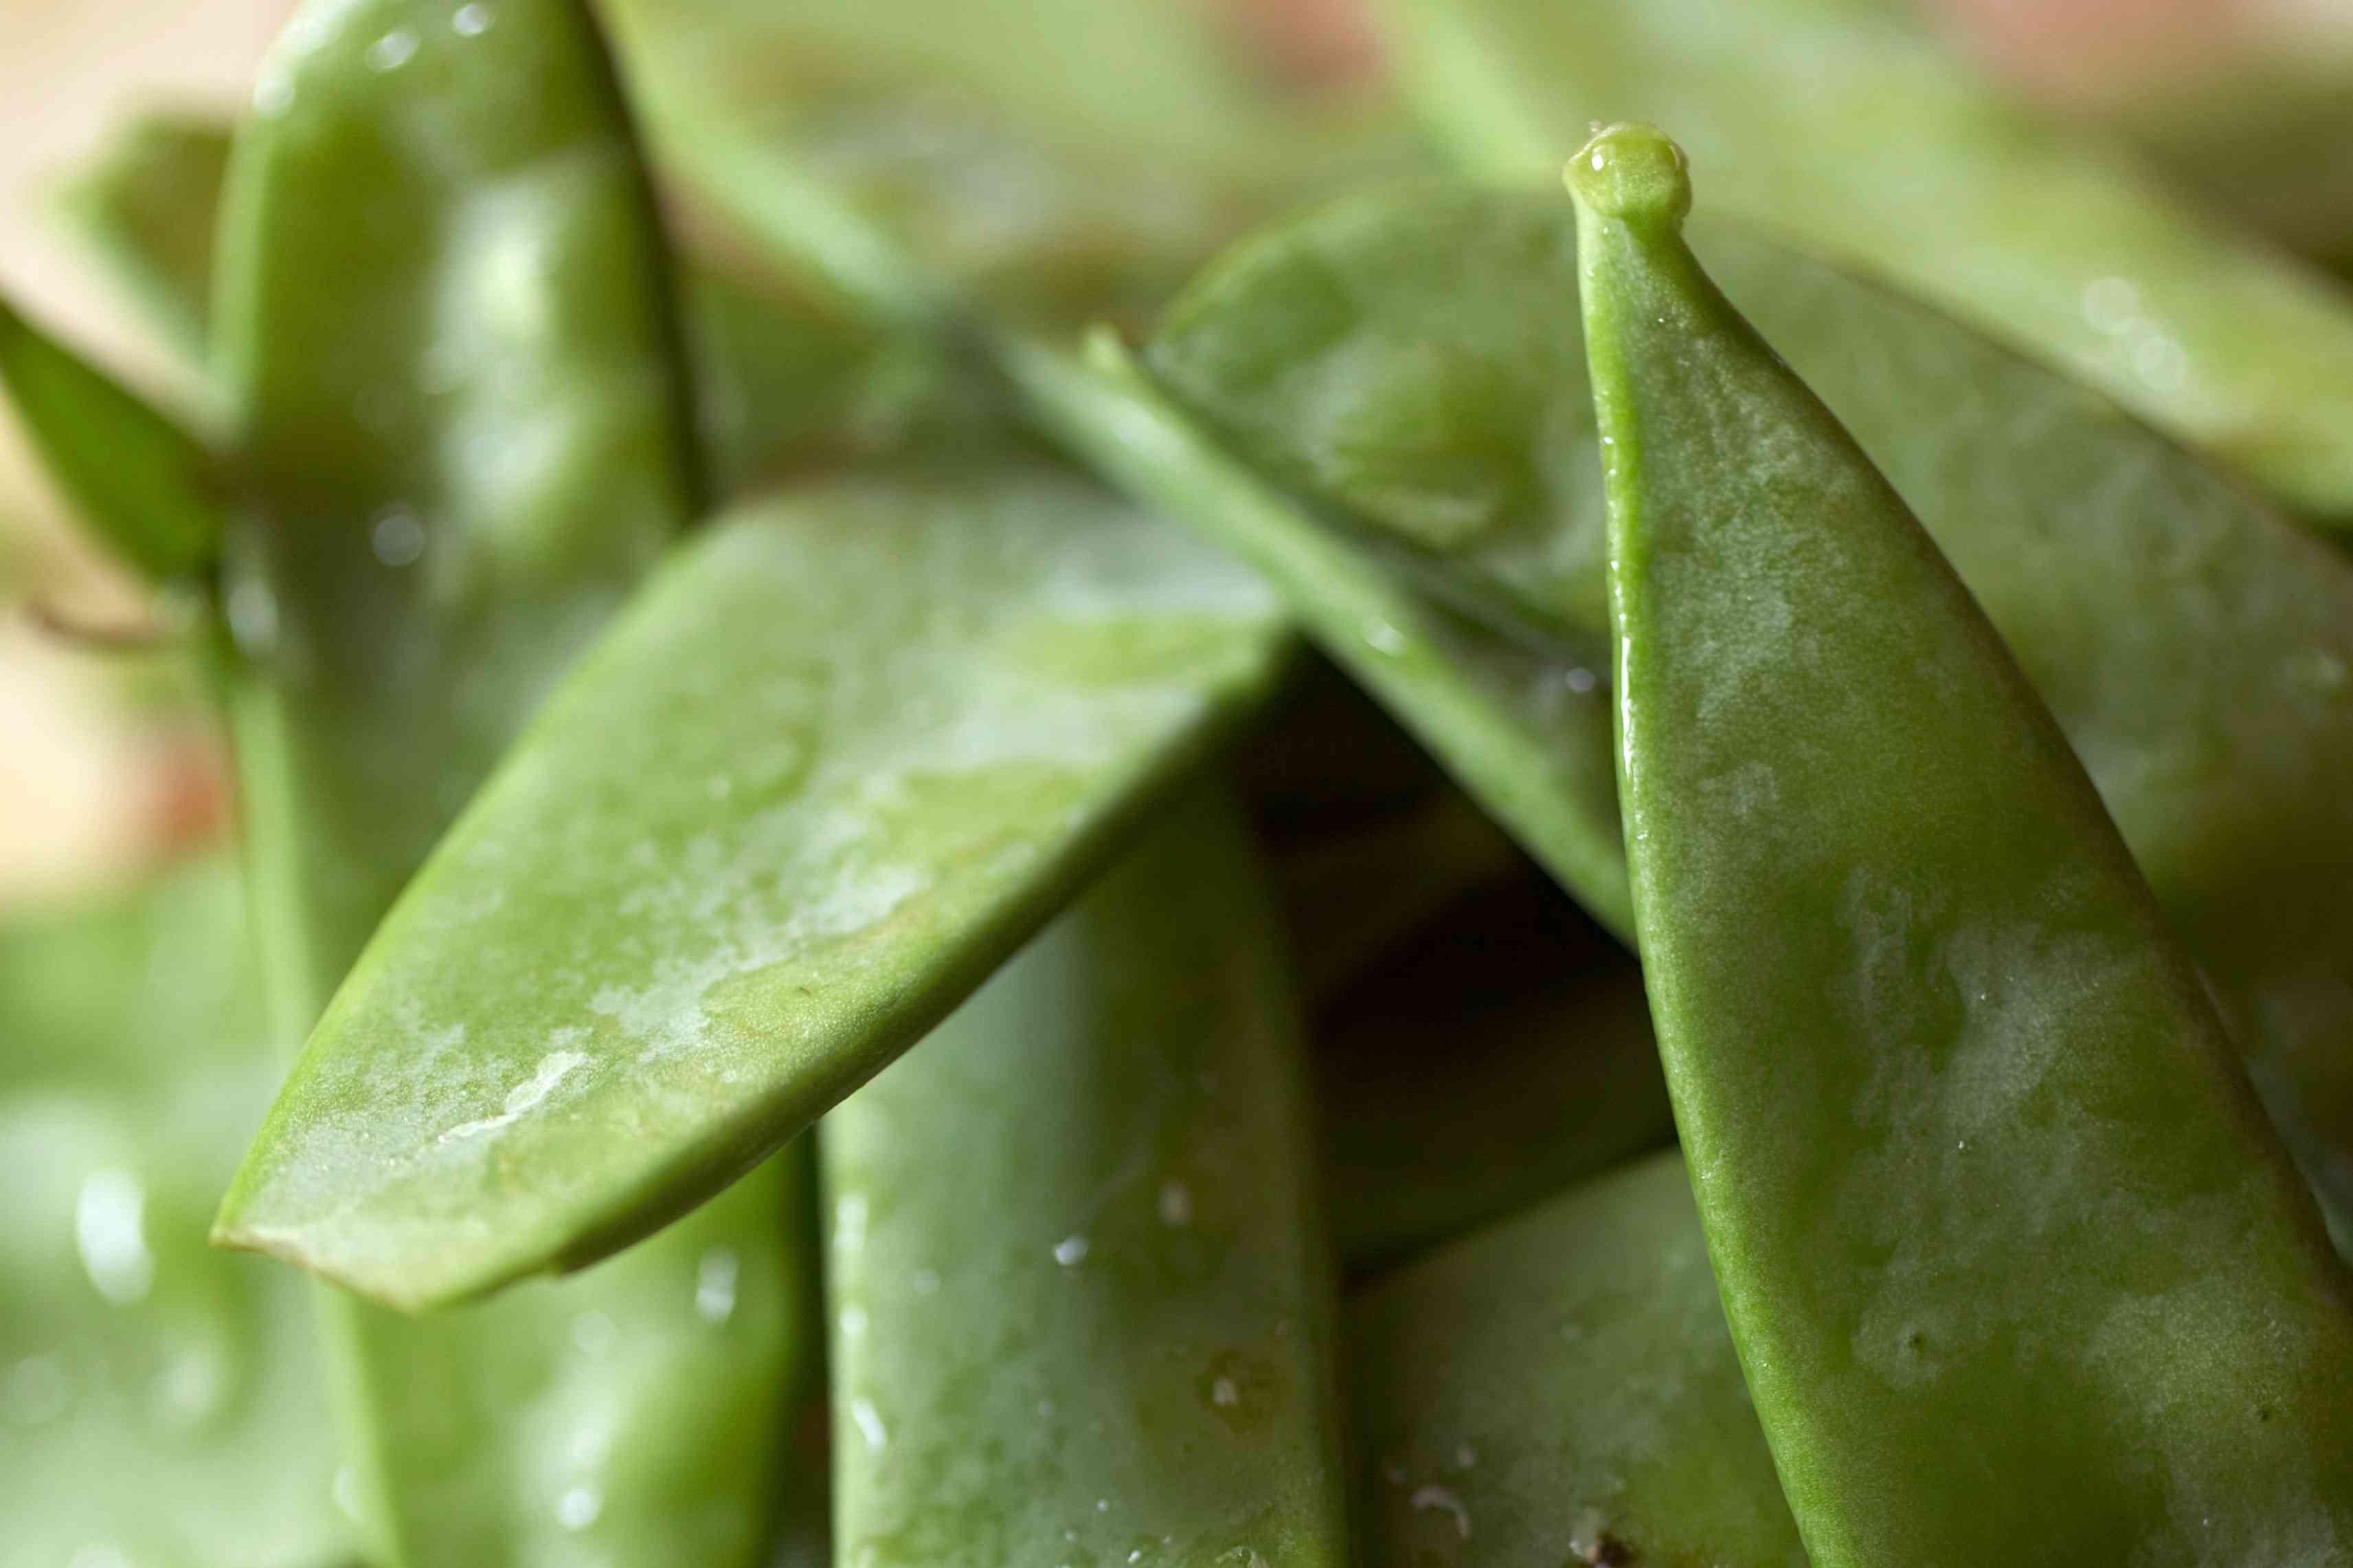 A pile of dewey snow peas